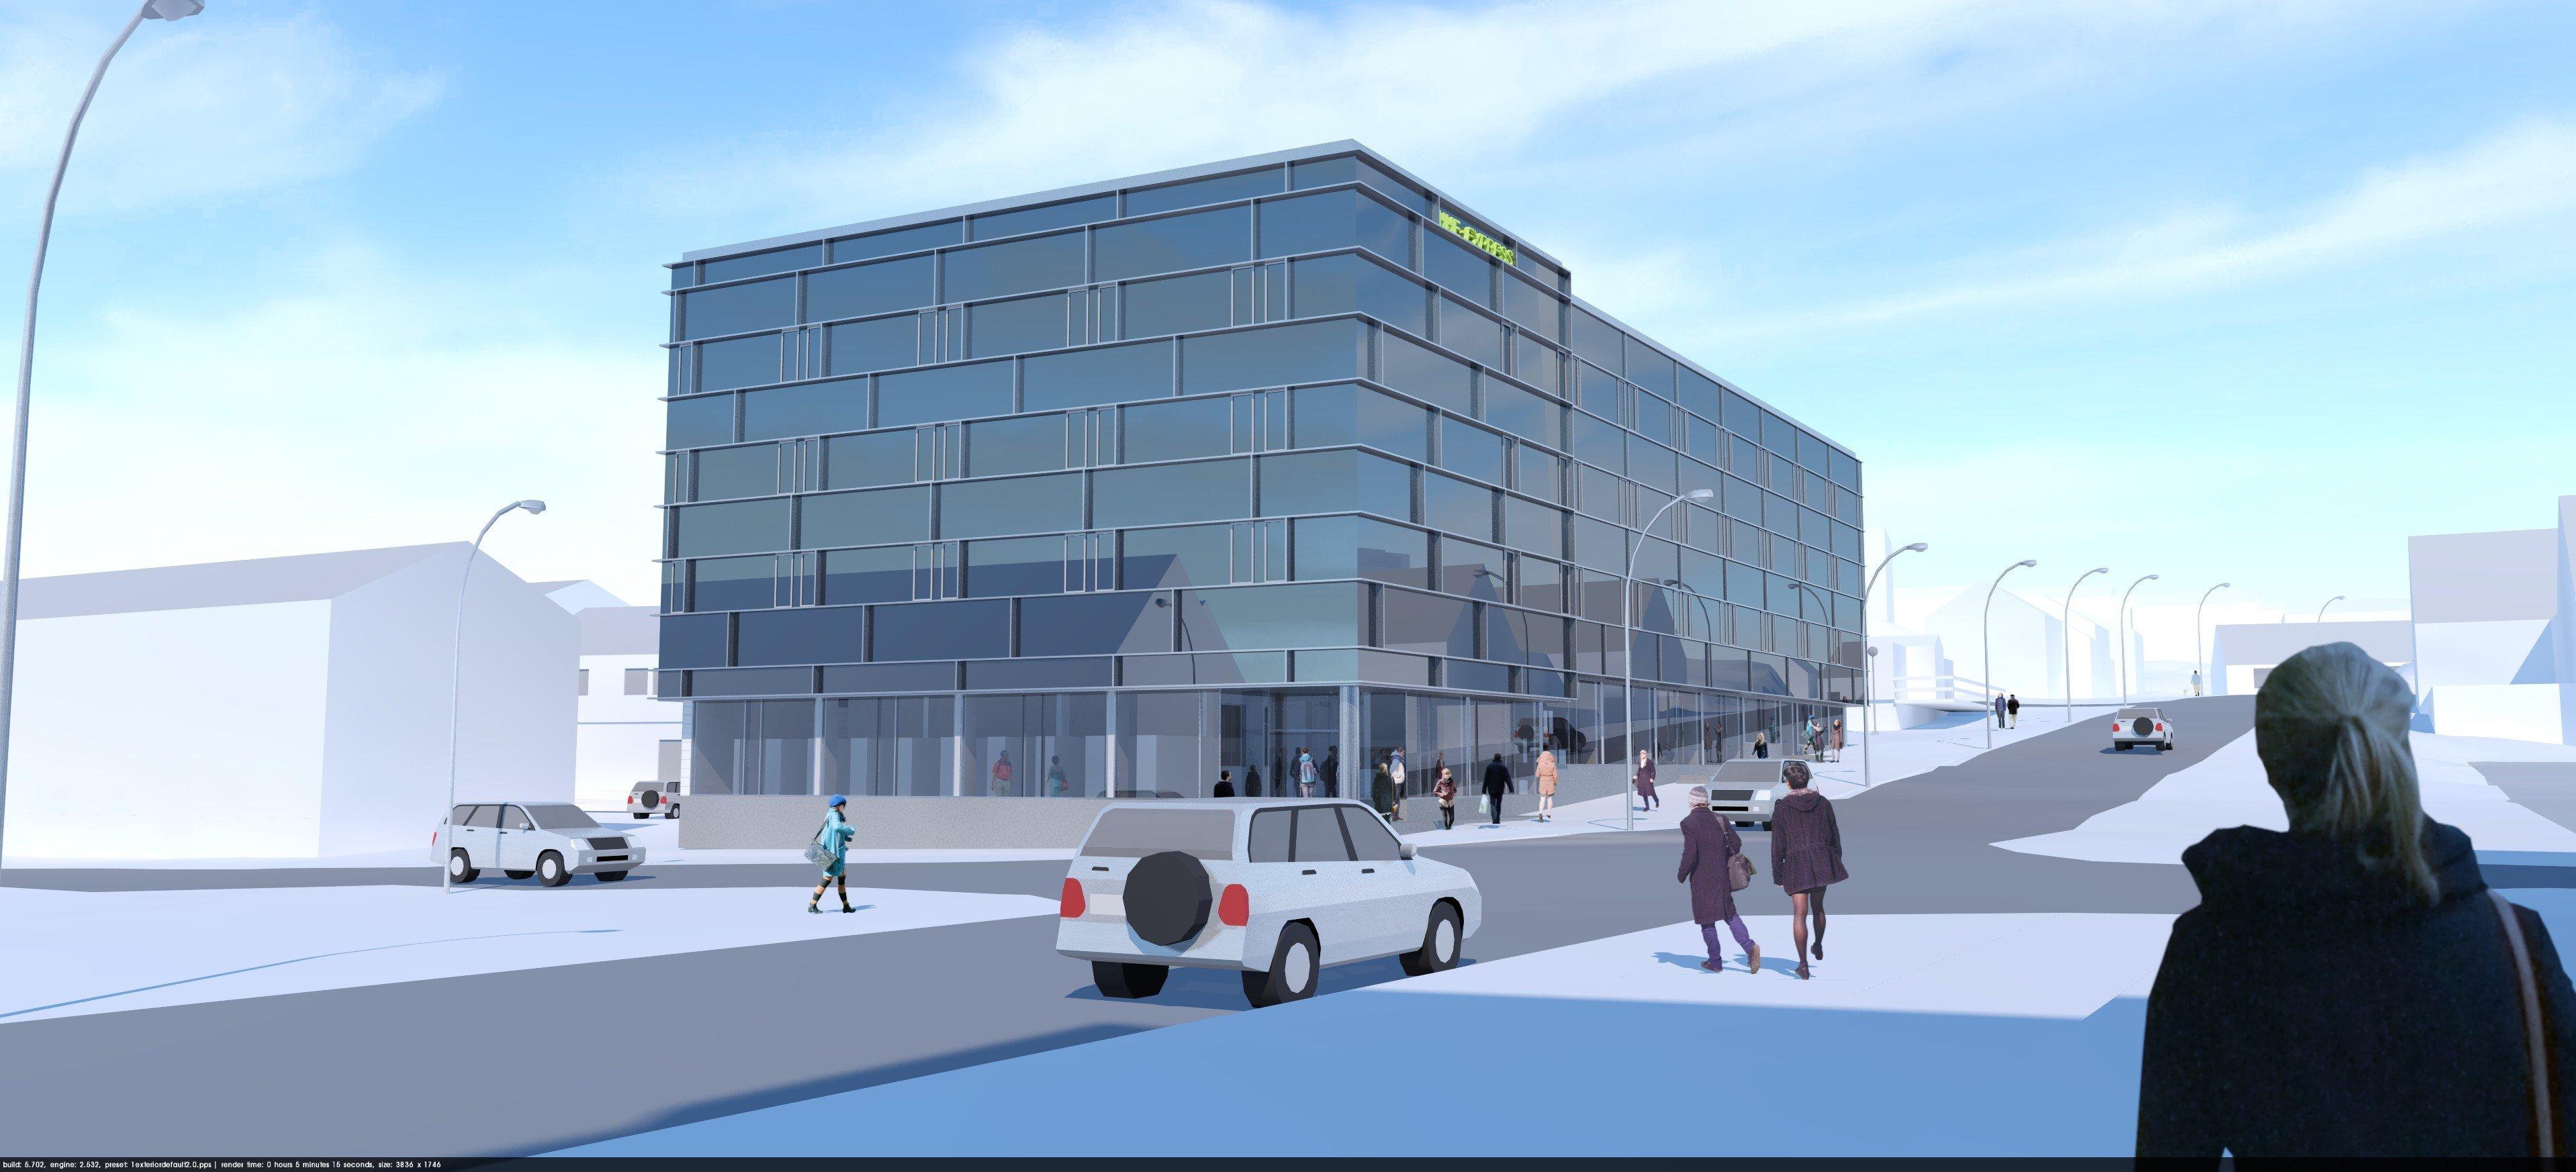 Det nye hotel har hentet inspiration i 'Wake Up'-konceptet. Foto: Polarbo A/S.